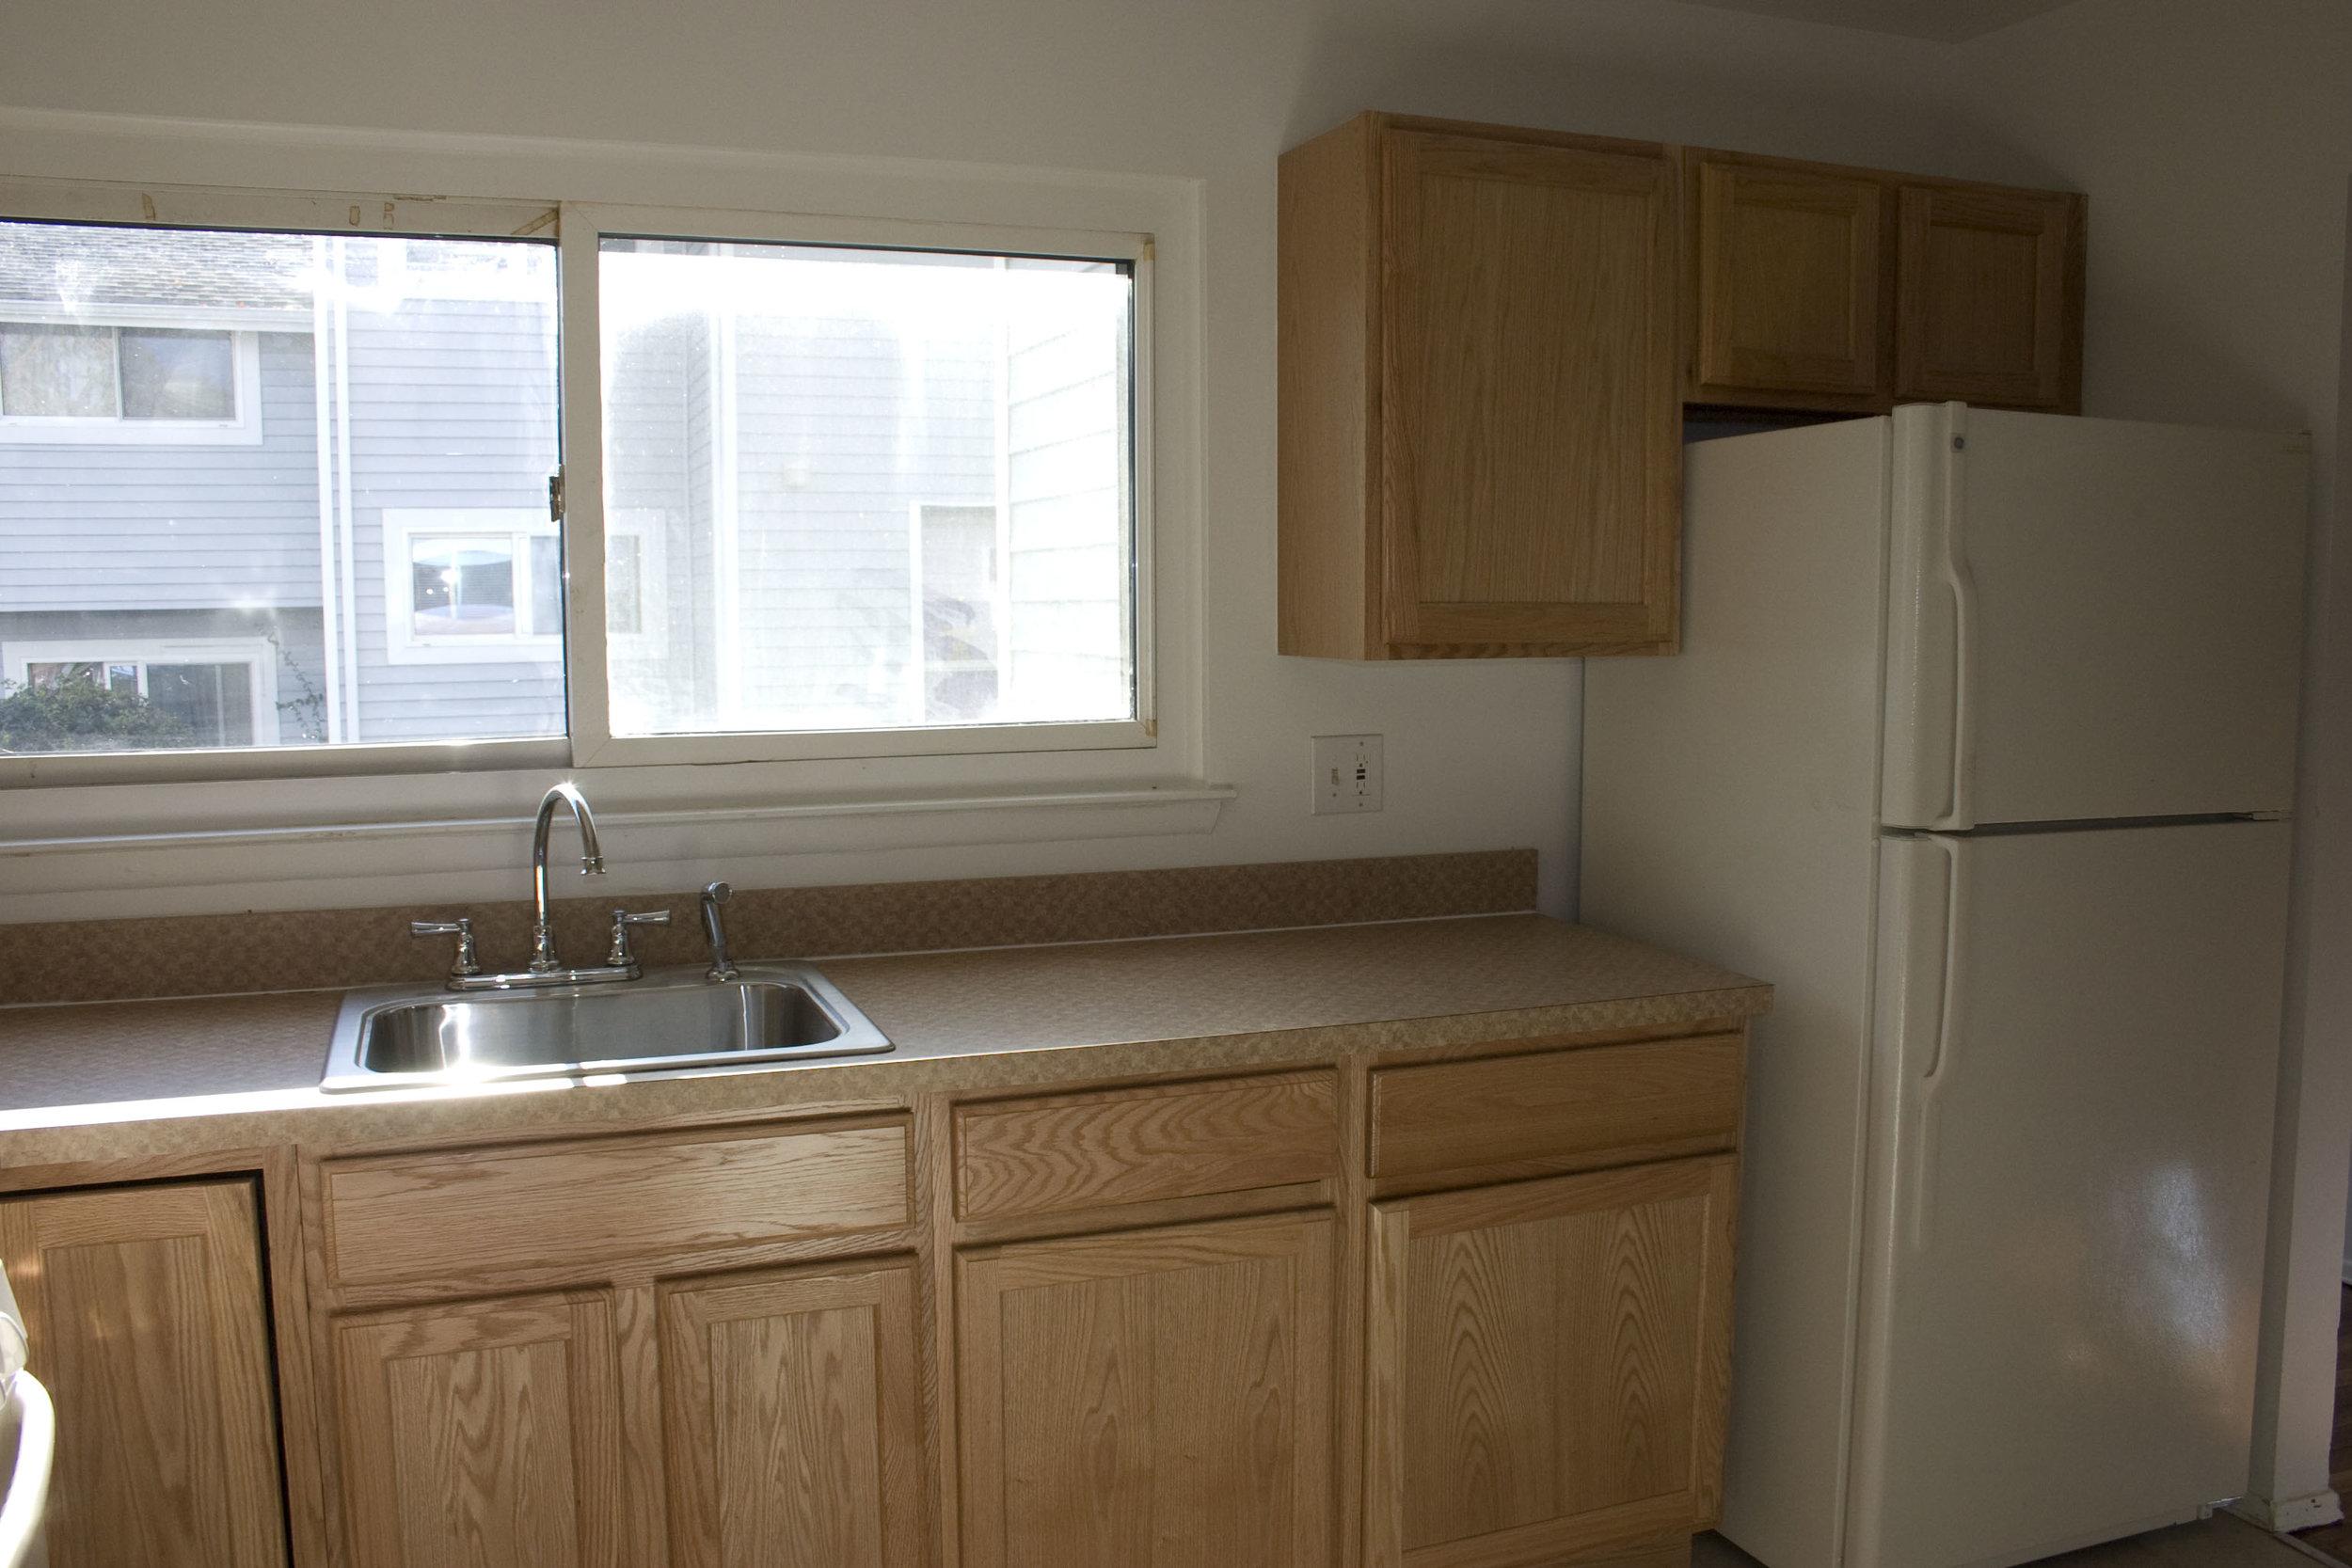 2-bedroom kitchen, #2